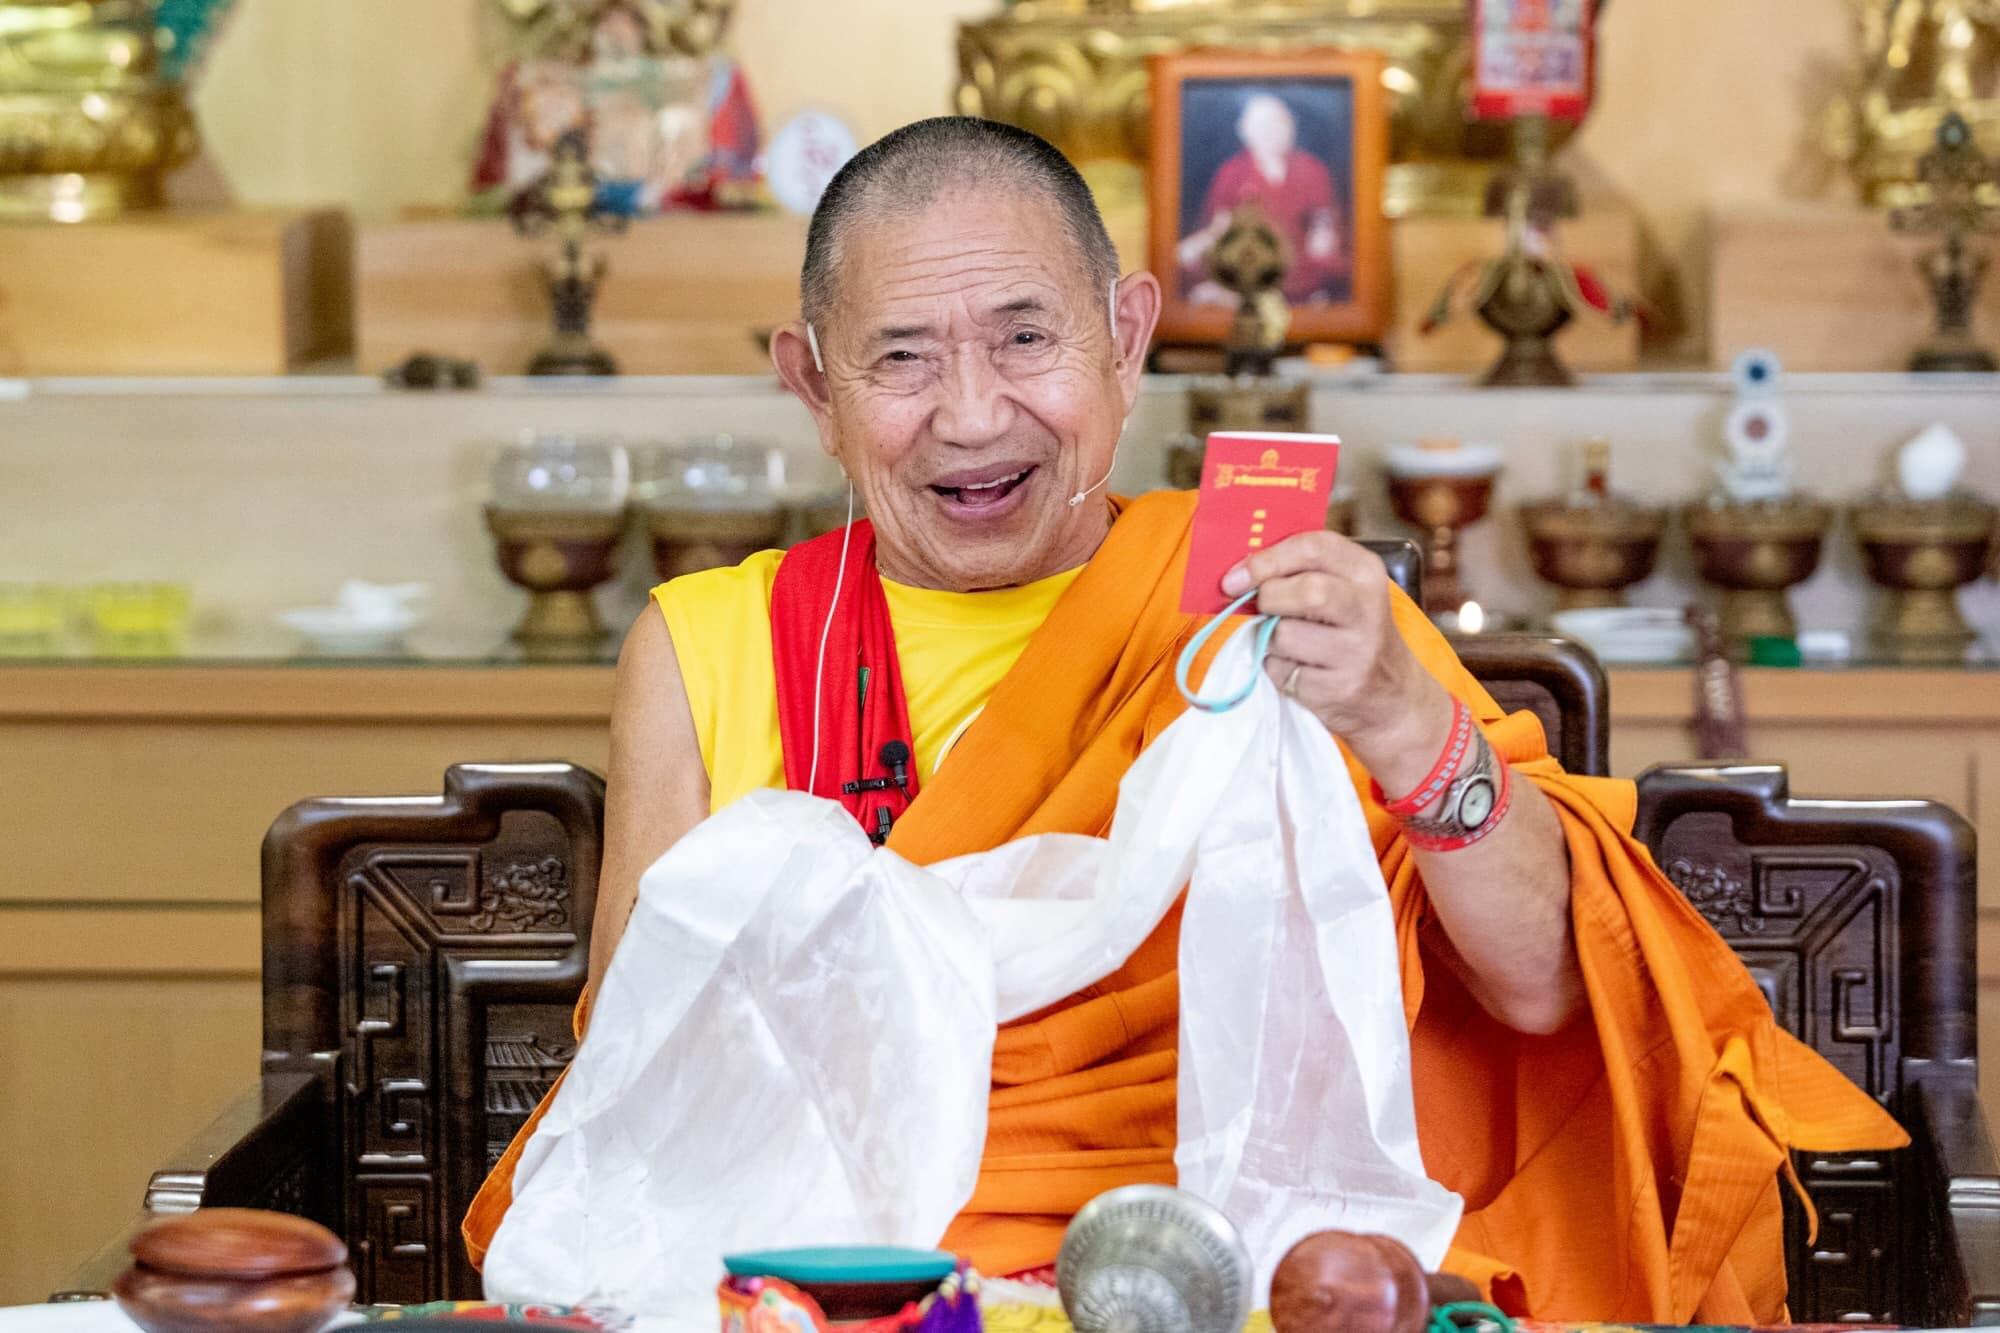 Ретрит Гарчена Ринпоче в Тайване продолжается 台灣噶千佛學會 Taiwan Garchen Dharma Institute 2019